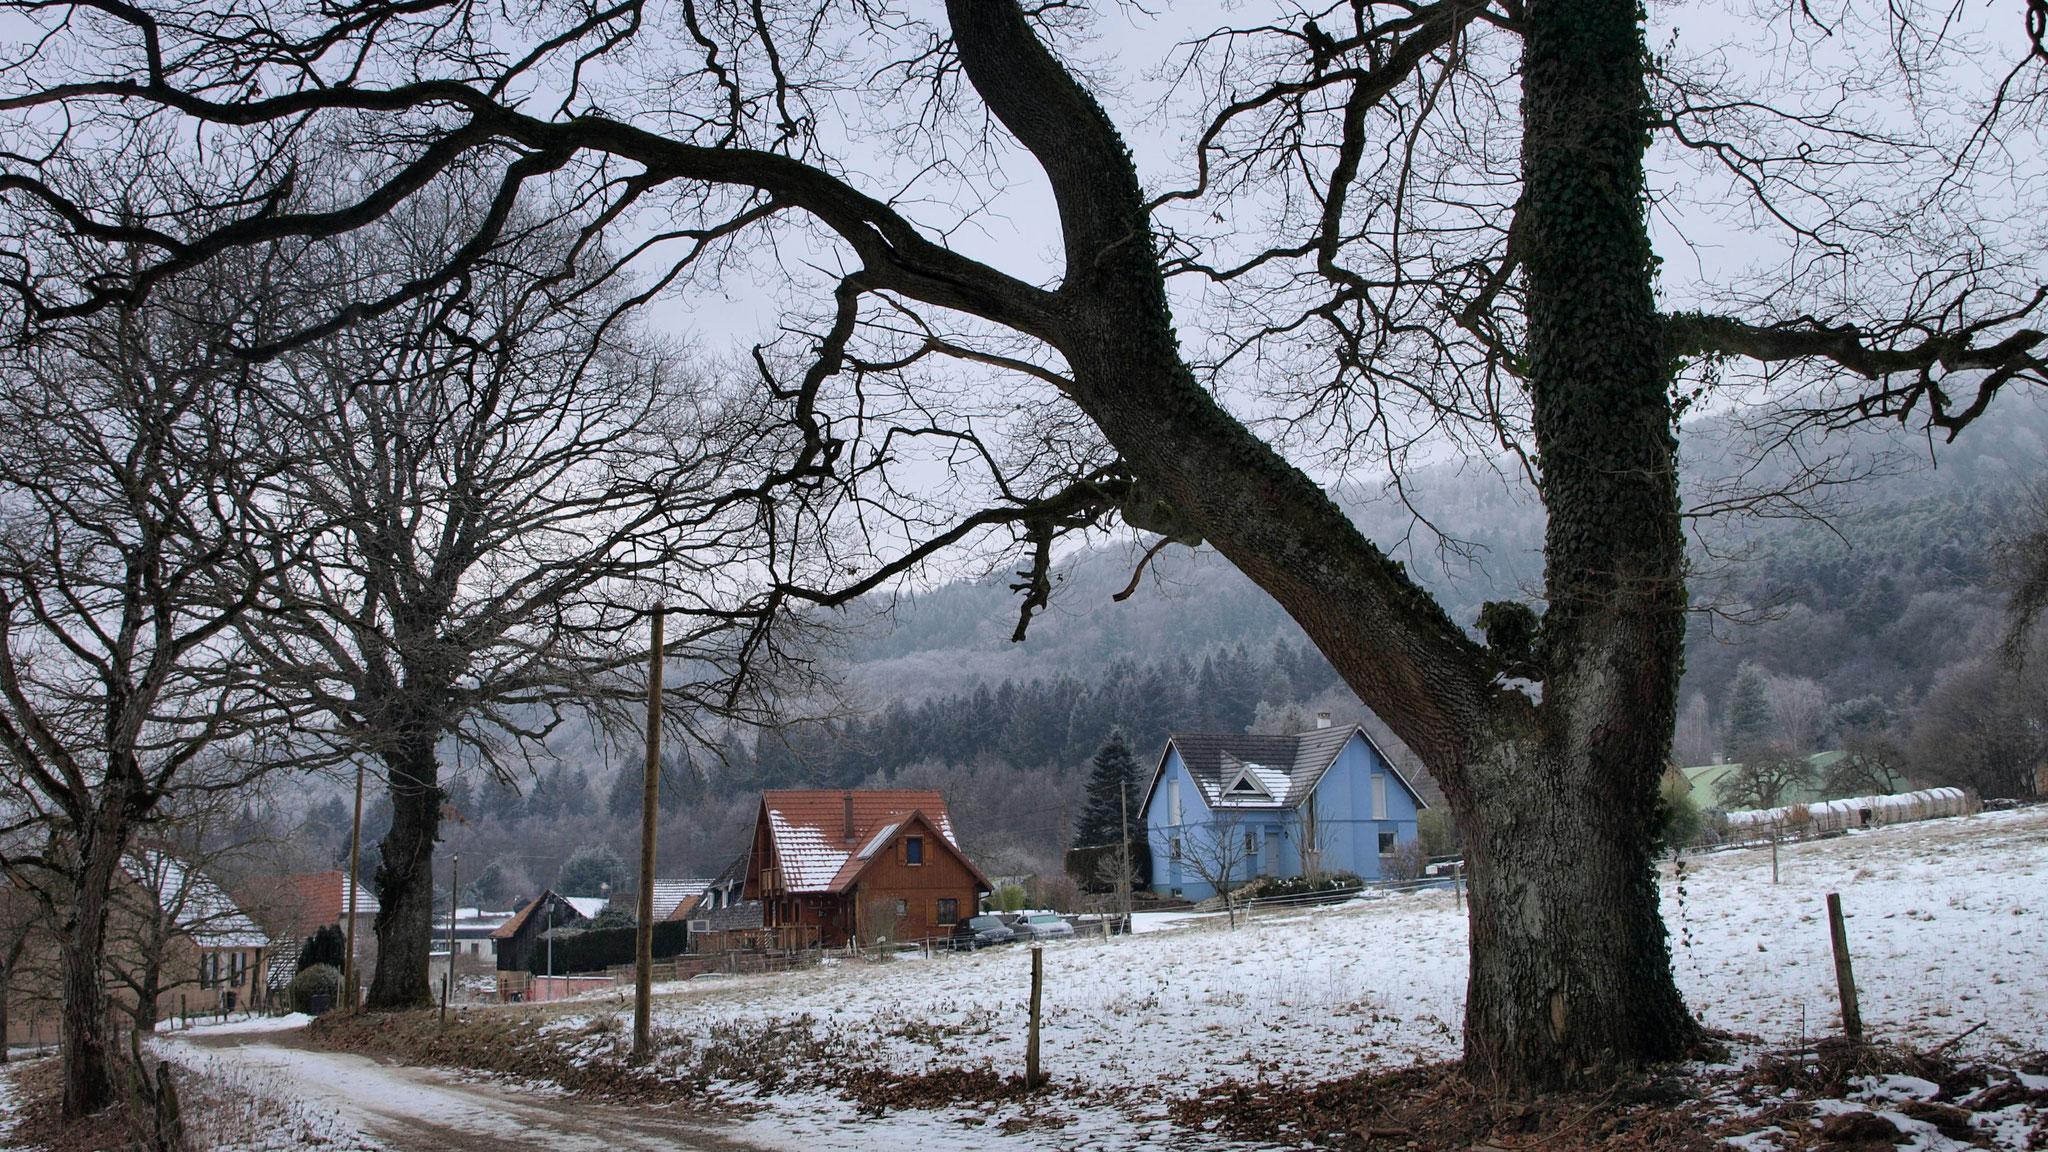 Schweighouse